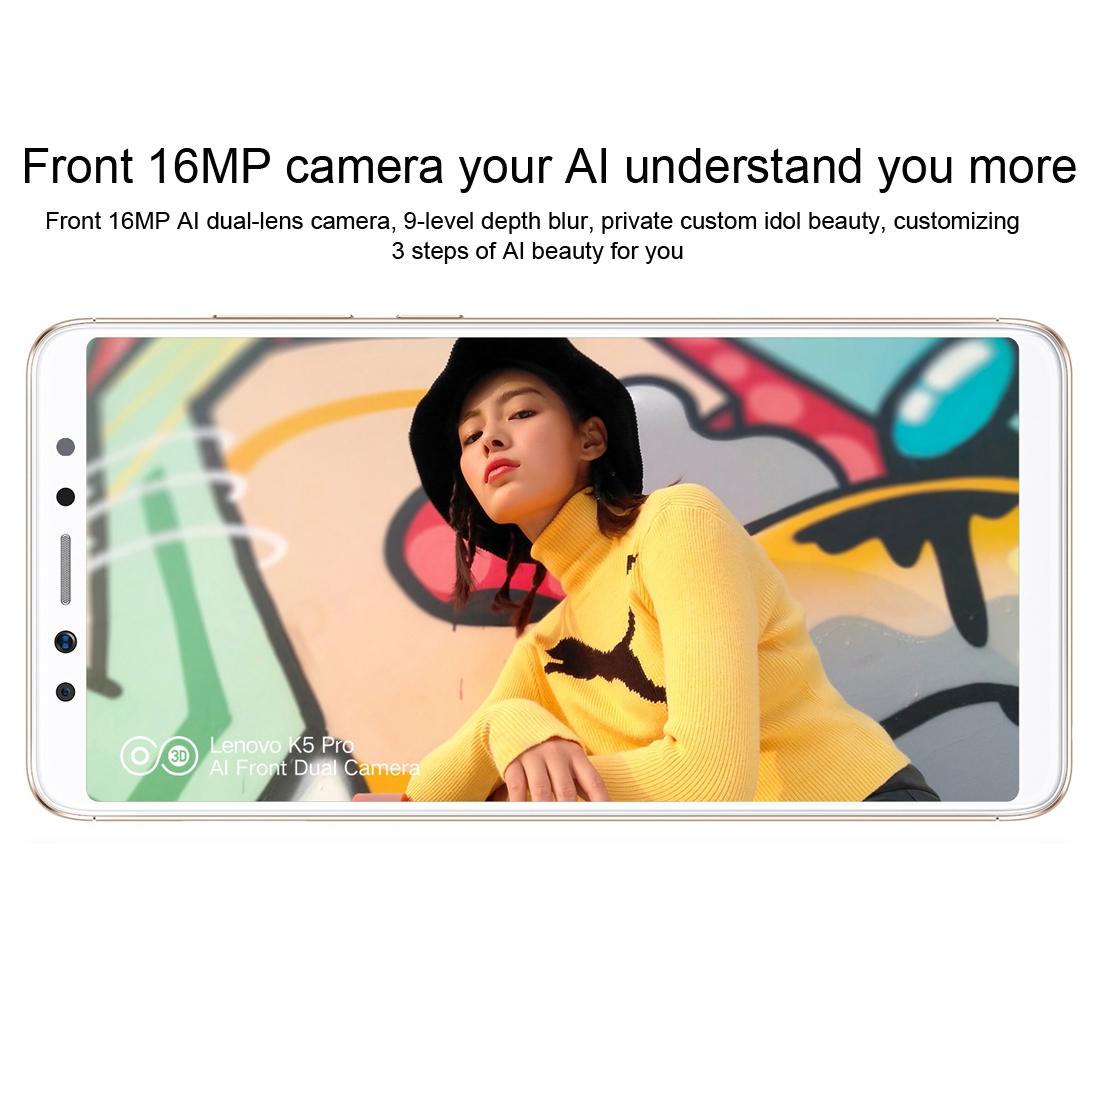 i.ibb.co/X7s8rRf/Smartphone-6-GB-64-GB-Lenovo-K5-Pro-Preto-7.jpg